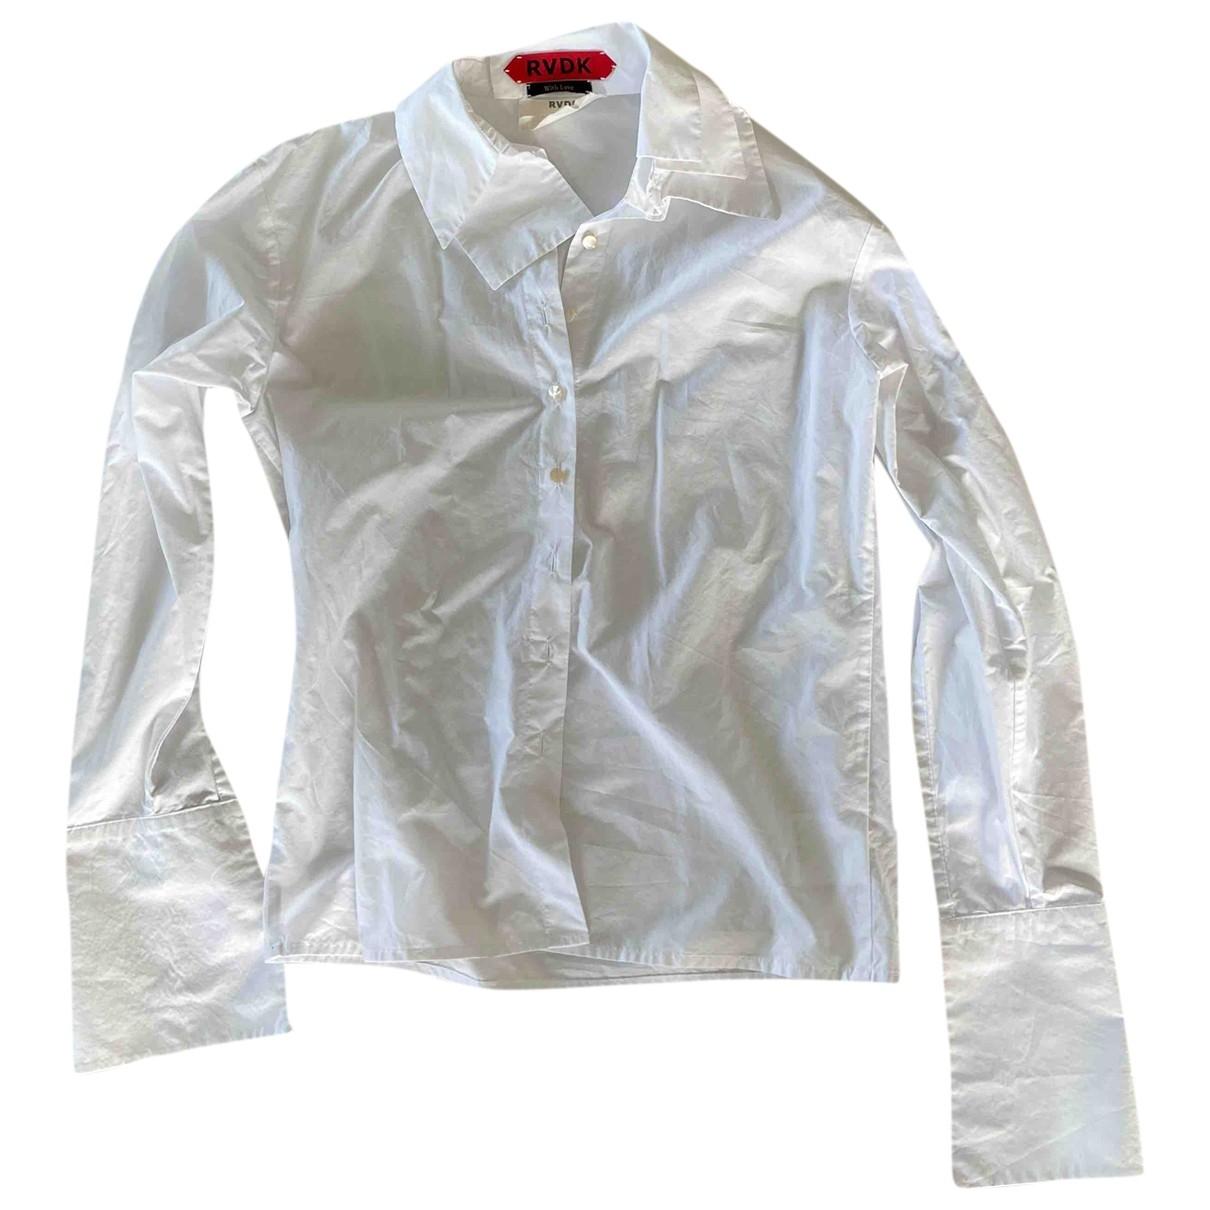 Rvdk - Top   pour femme en coton - blanc